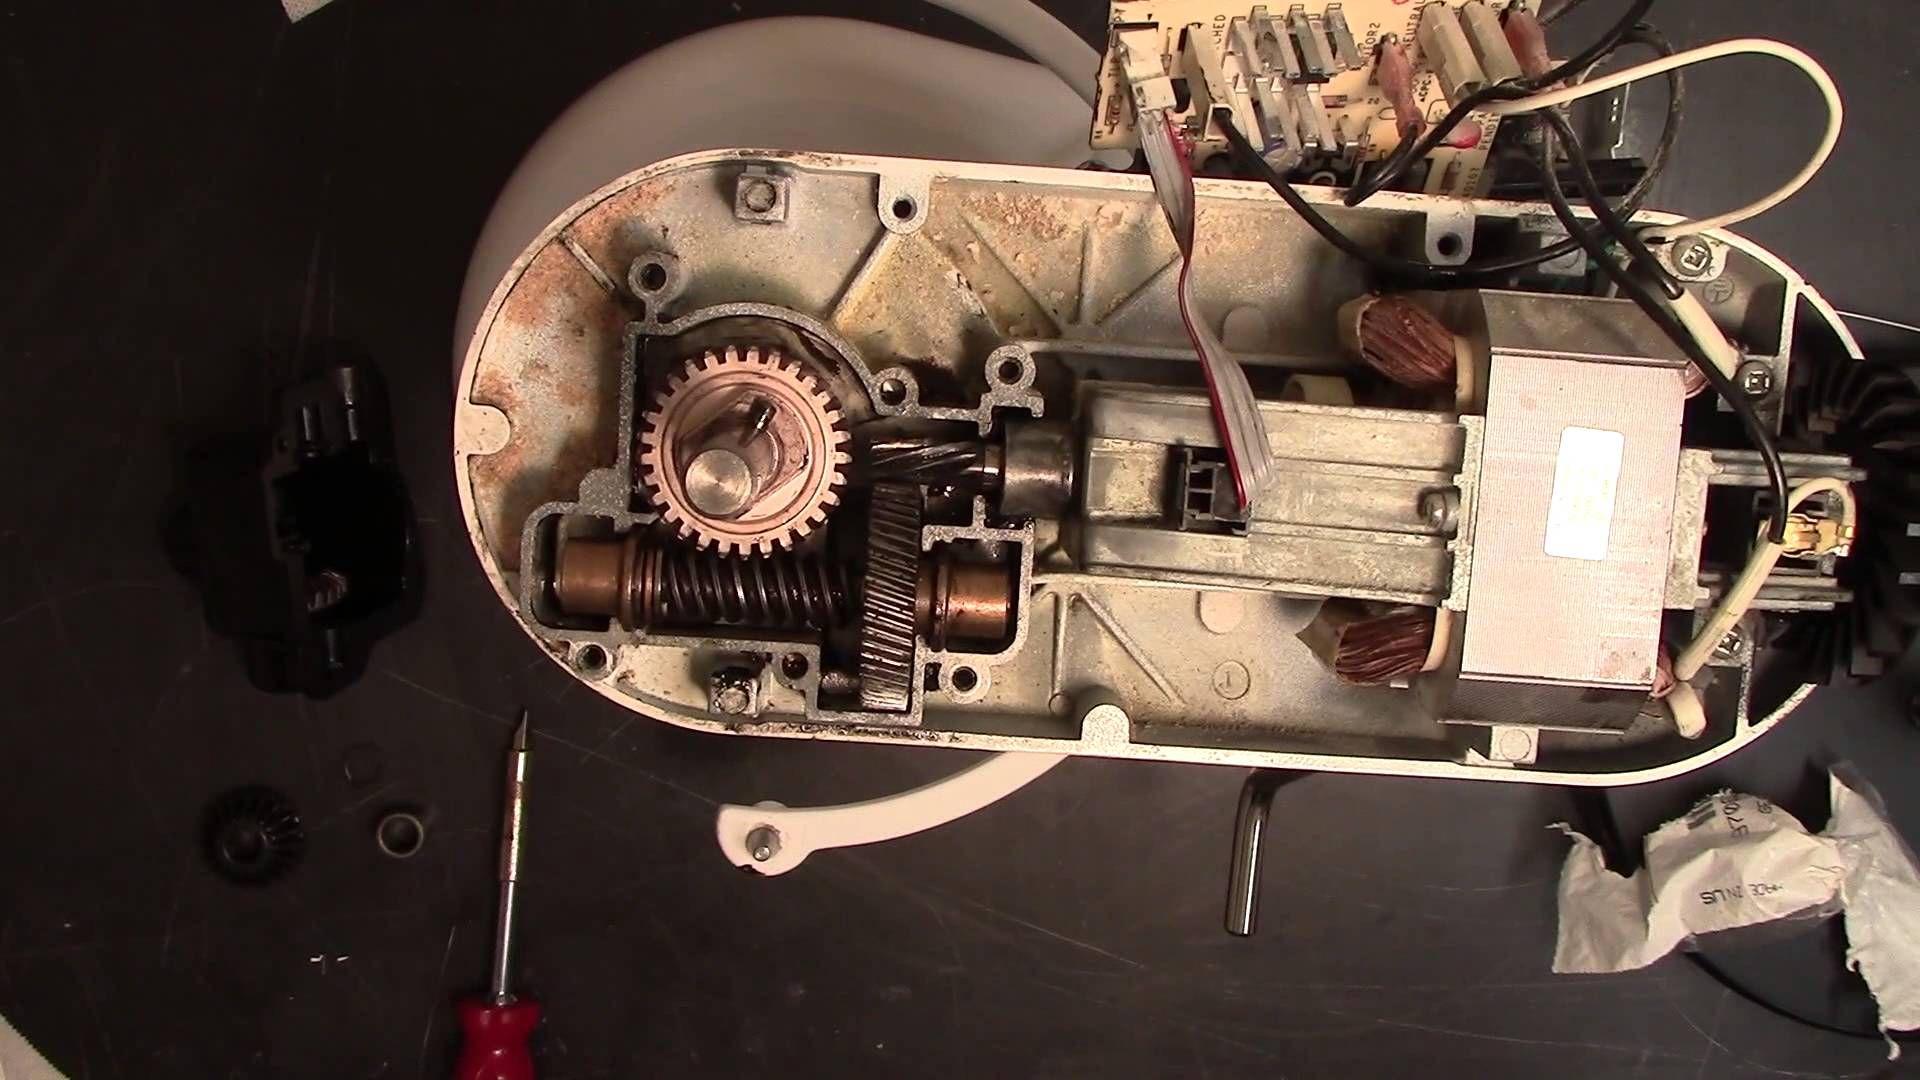 Kitchenaid Planetary Gear Assembly Teardown Repair Videos Kitchen Aid Home Repair